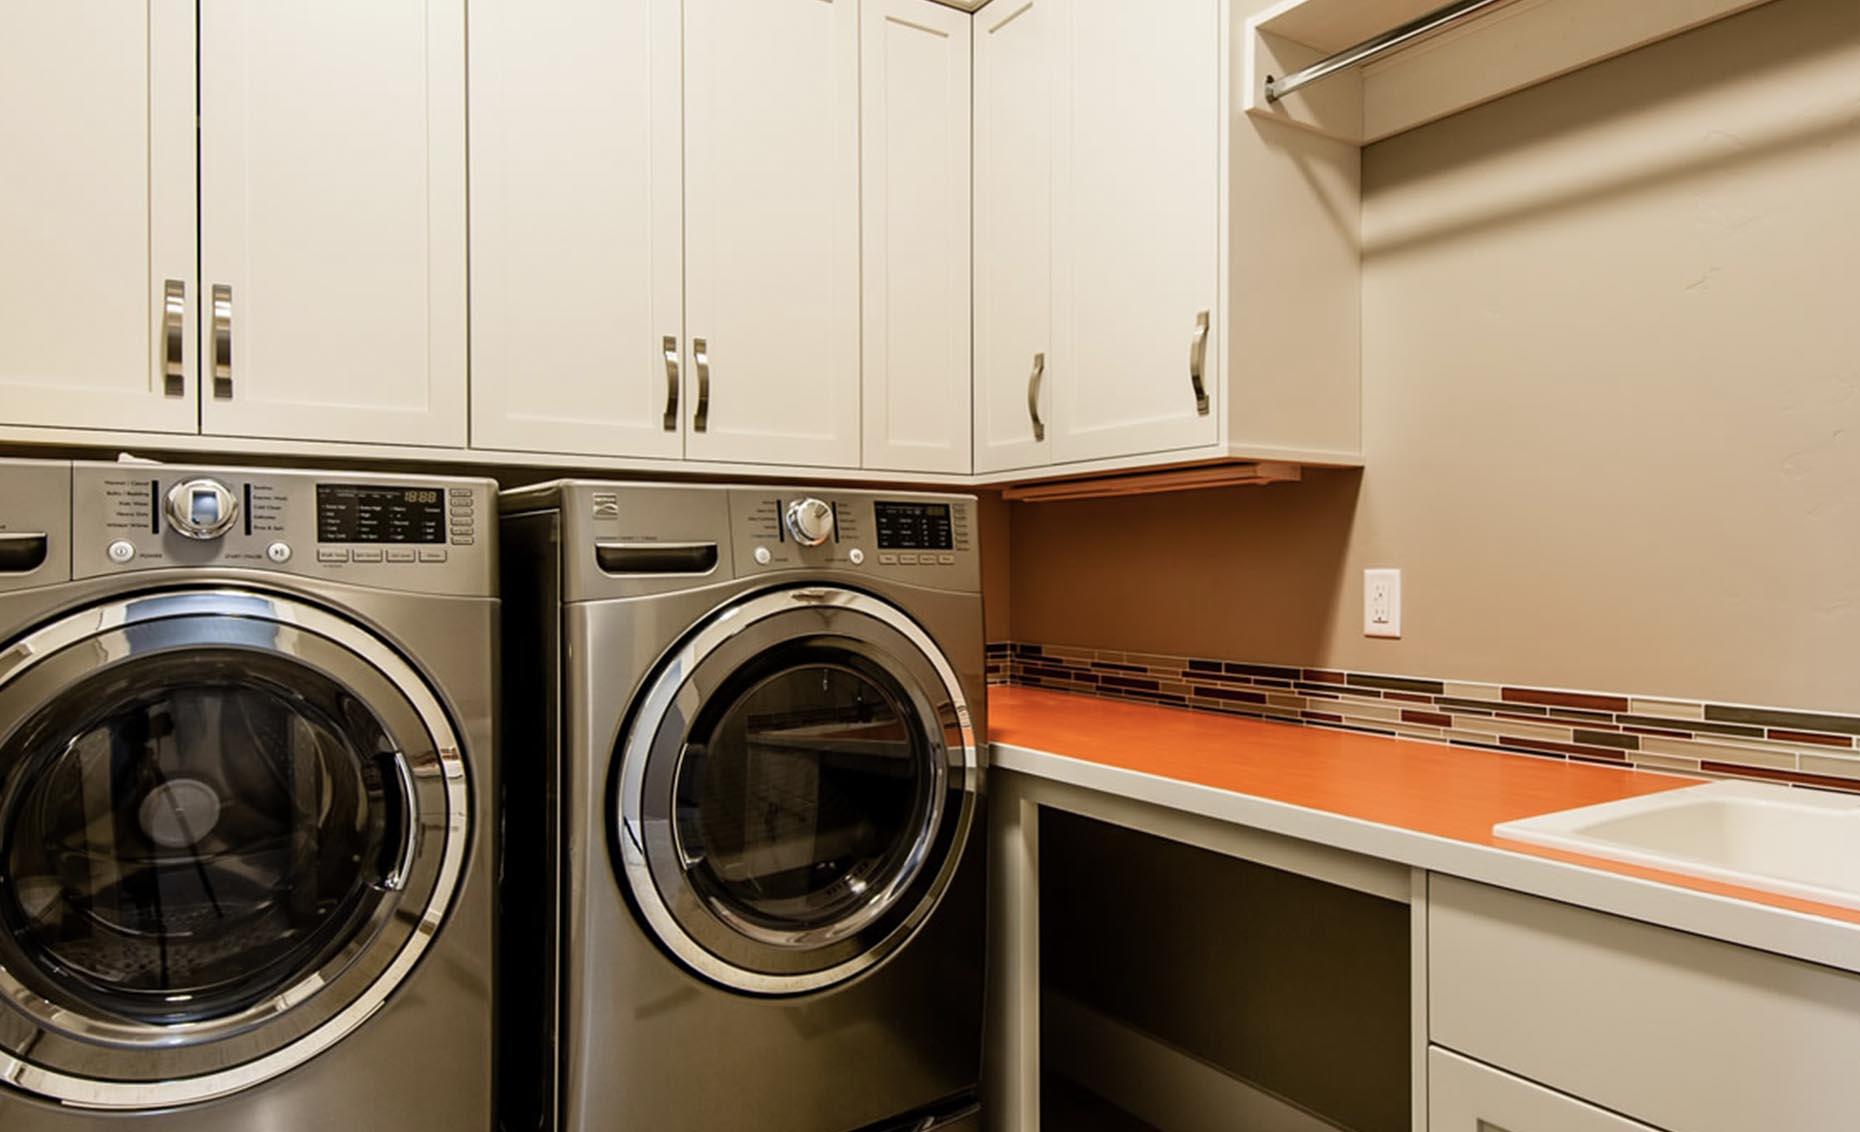 The Heavens Way House Laundry Room